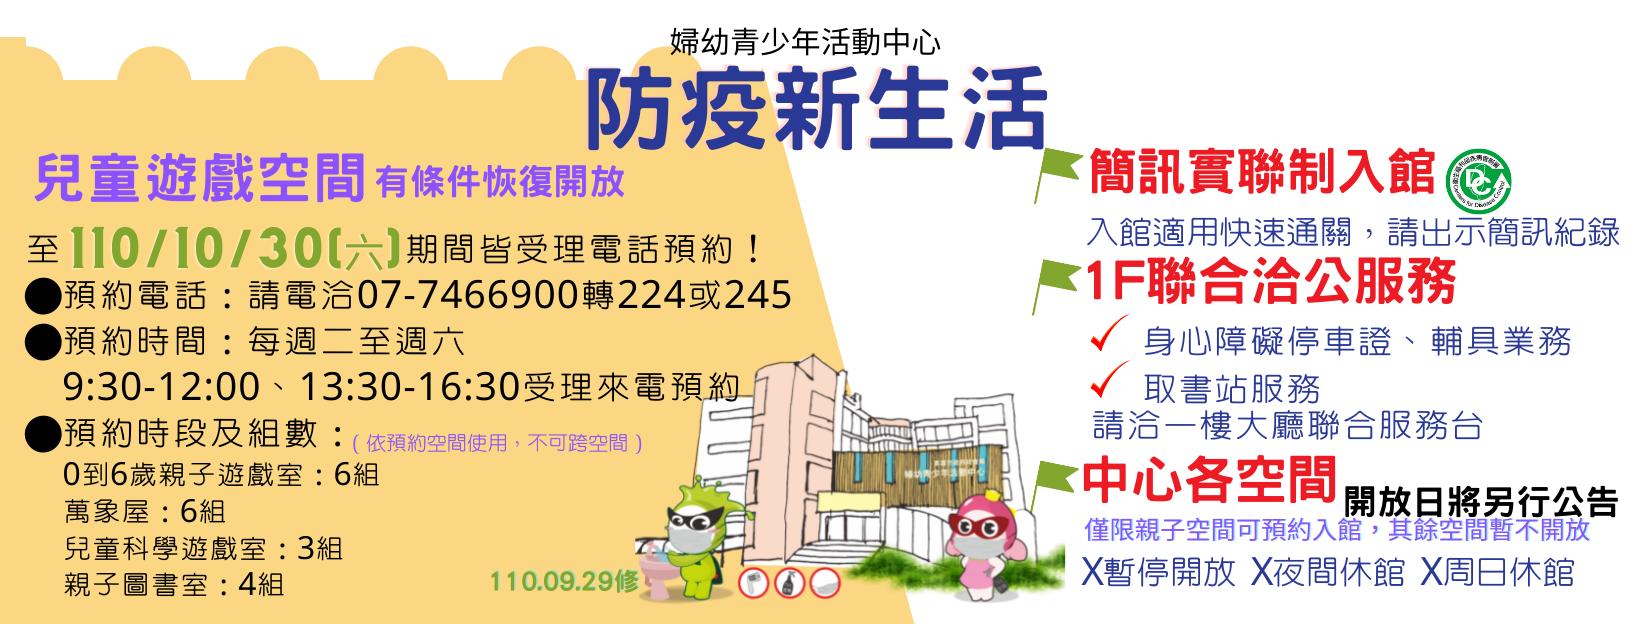 中心兒童遊戲空間有條件恢復開放公告1001更新